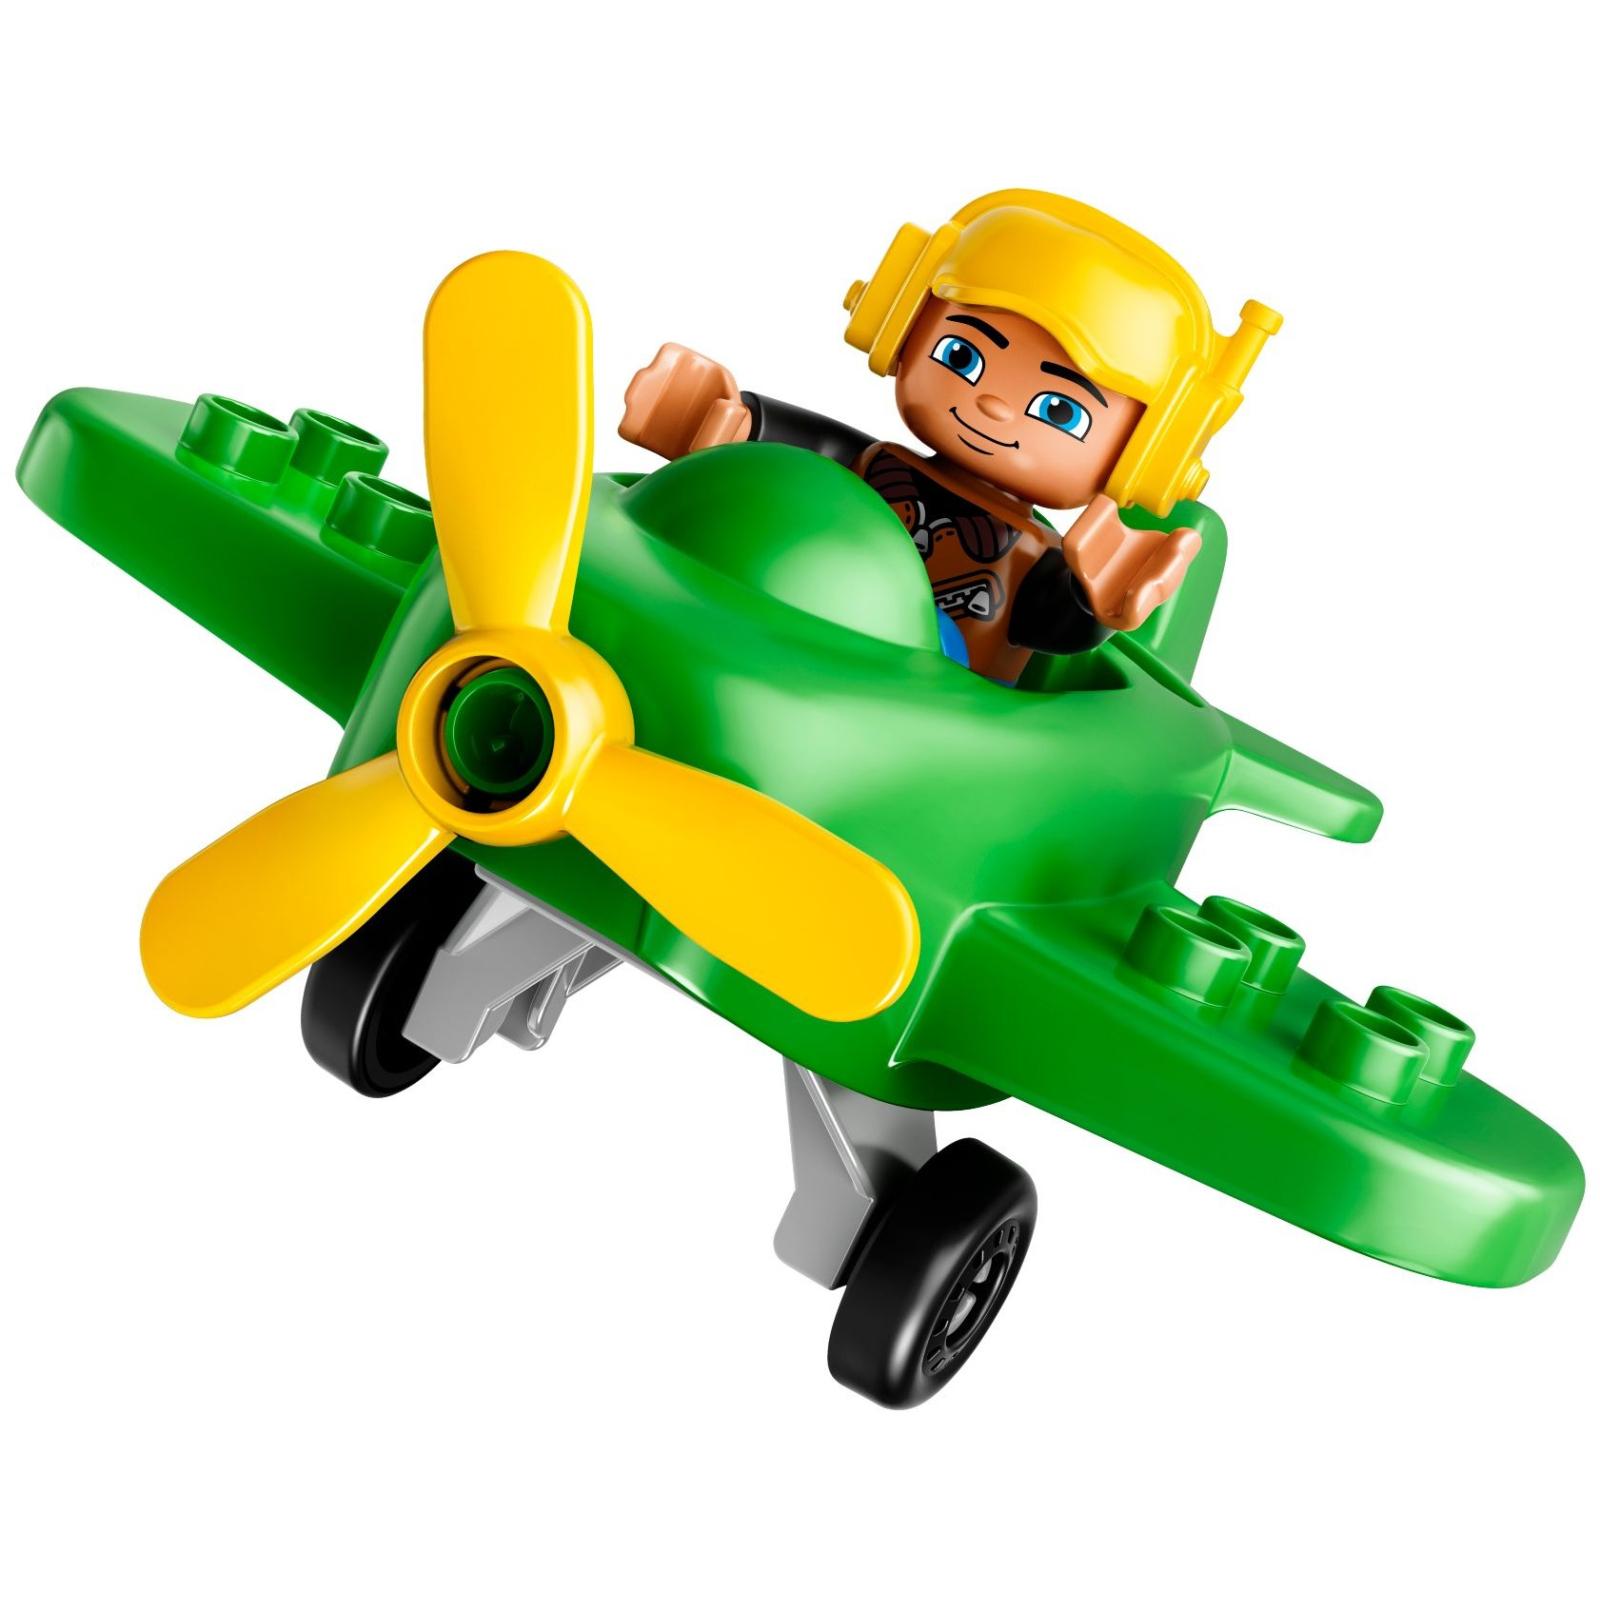 Конструктор LEGO Duplo Town Маленький самолёт (10808) изображение 4